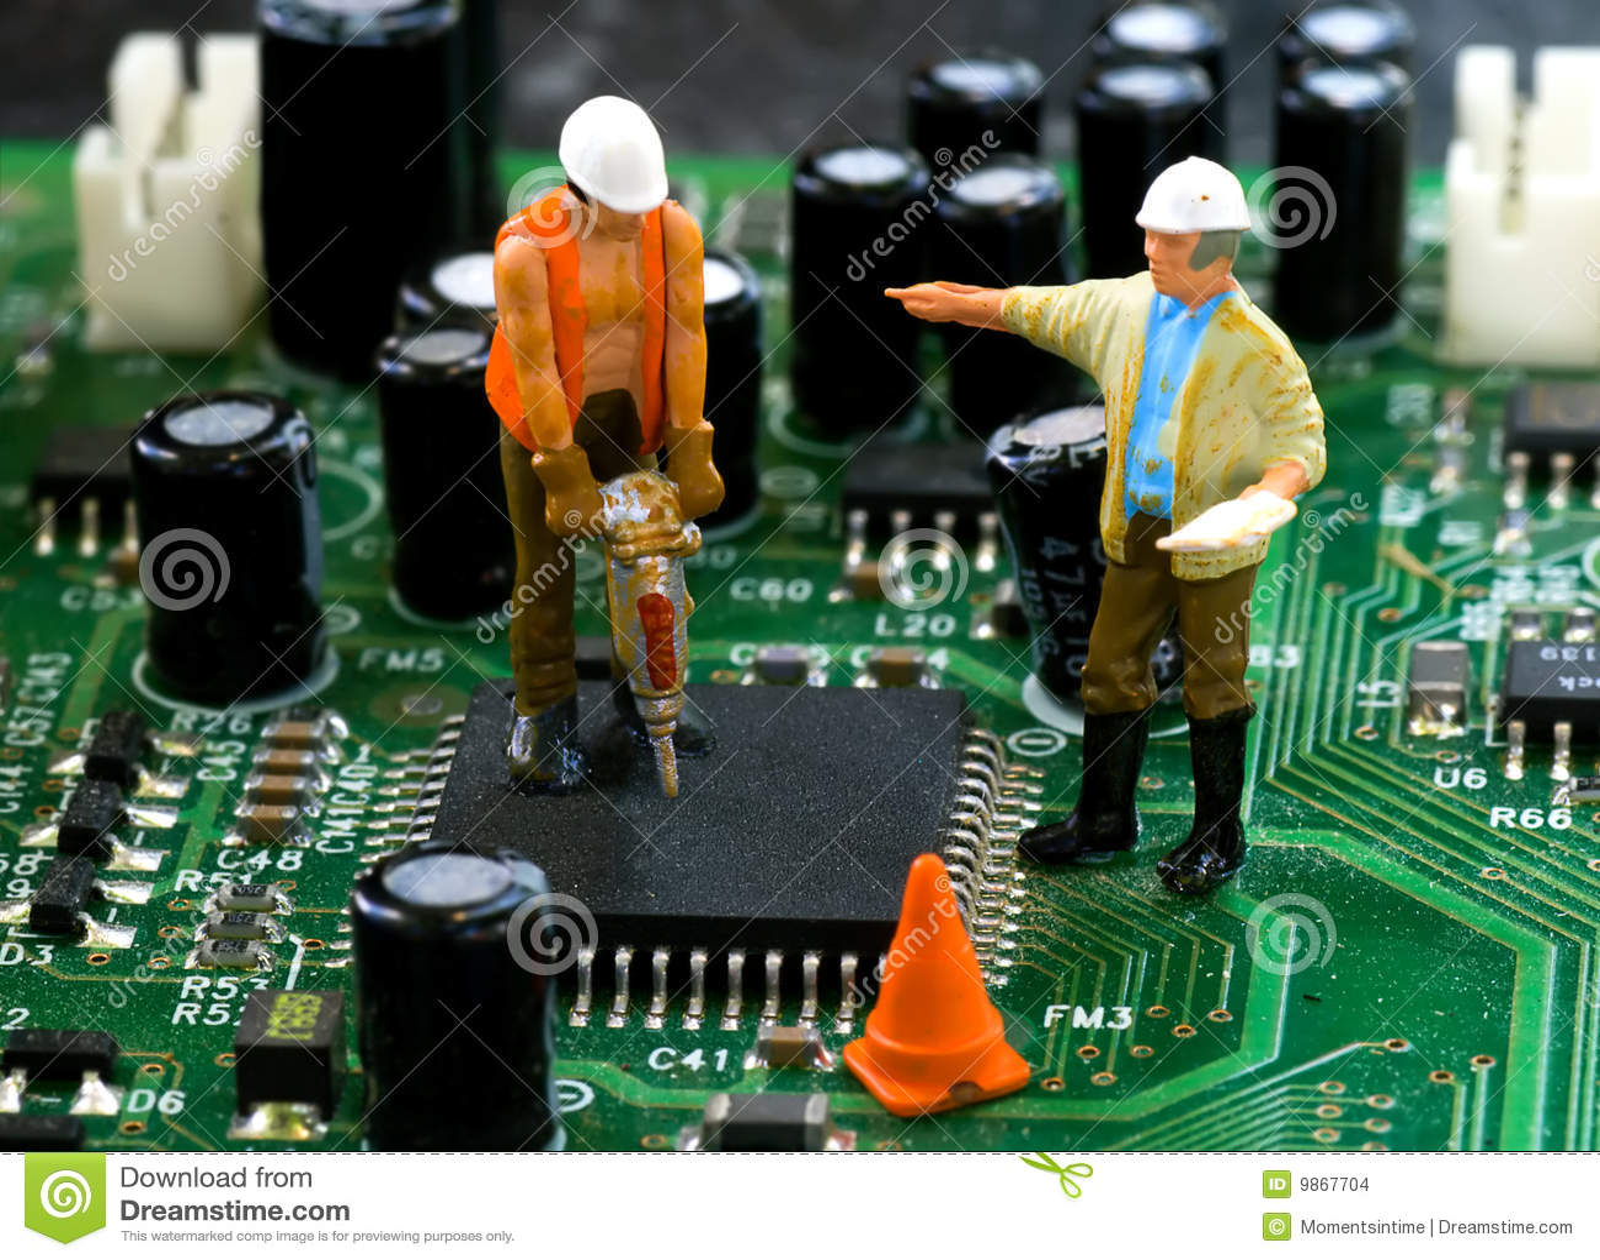 free computer repairing